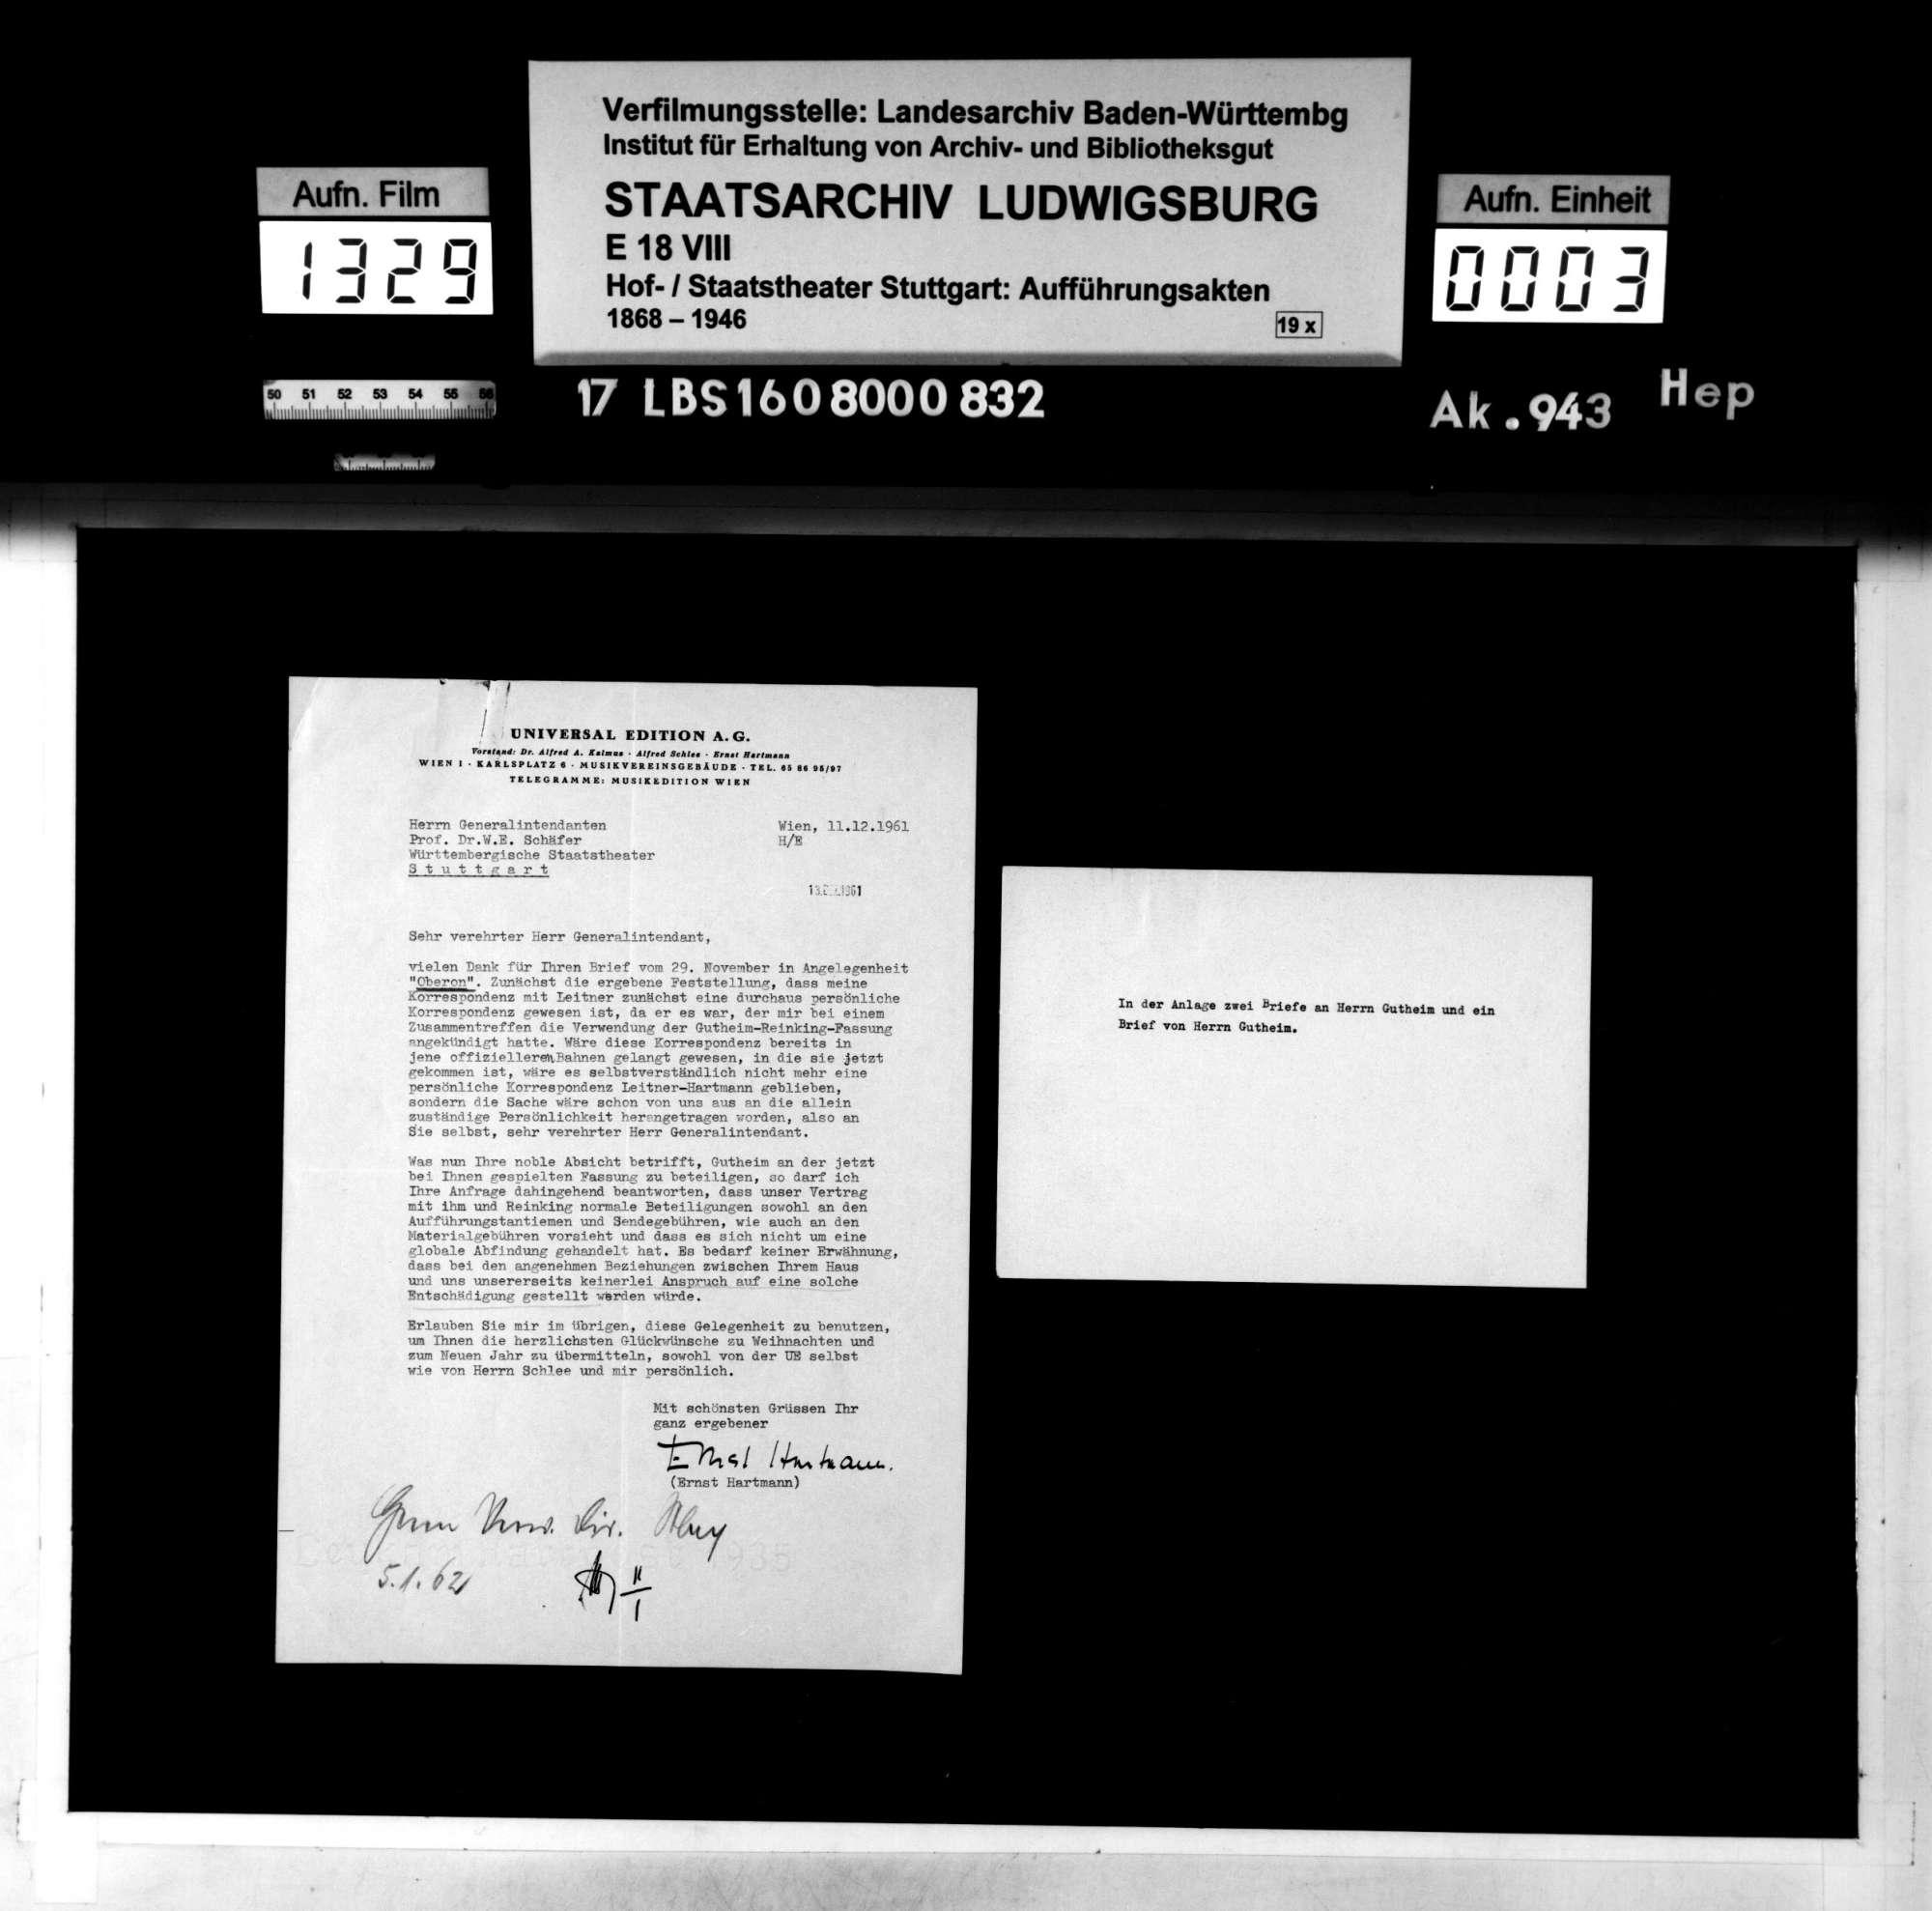 Oberon. Romantische Oper von Carl Maria von Weber; bearbeitet von Gustav Mahler. Szenische Bemerkungen von Alfred Roller. Neu-Übertragung von Gustav Brecher und E. Bloch., Bild 2